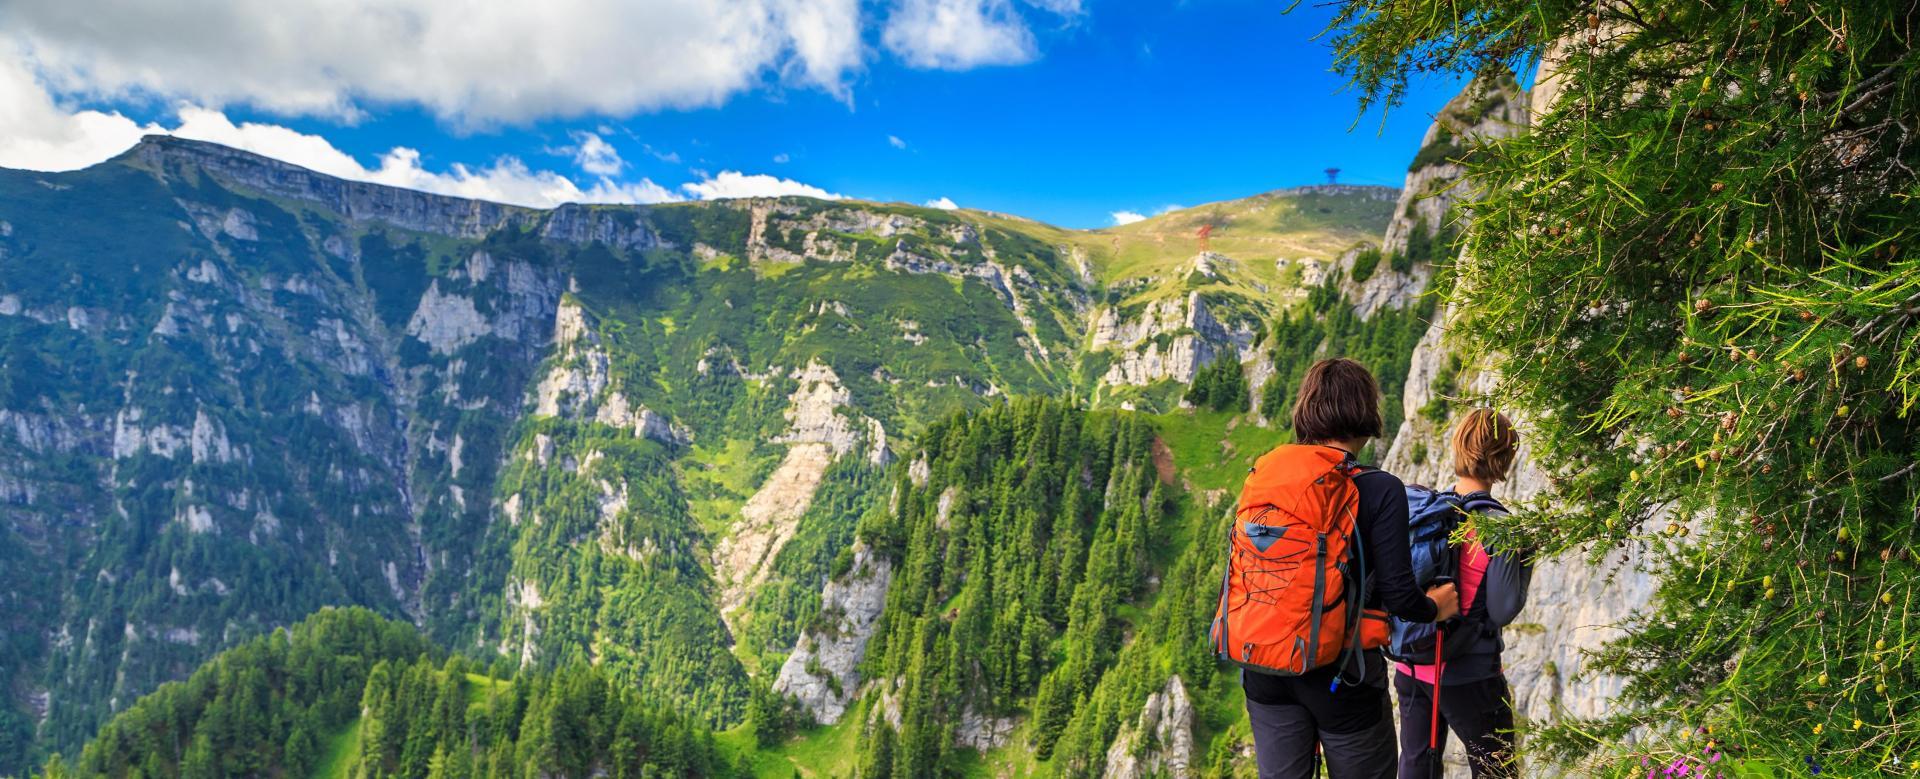 Voyage à pied : Les parcs naturels des carpates en itinérance